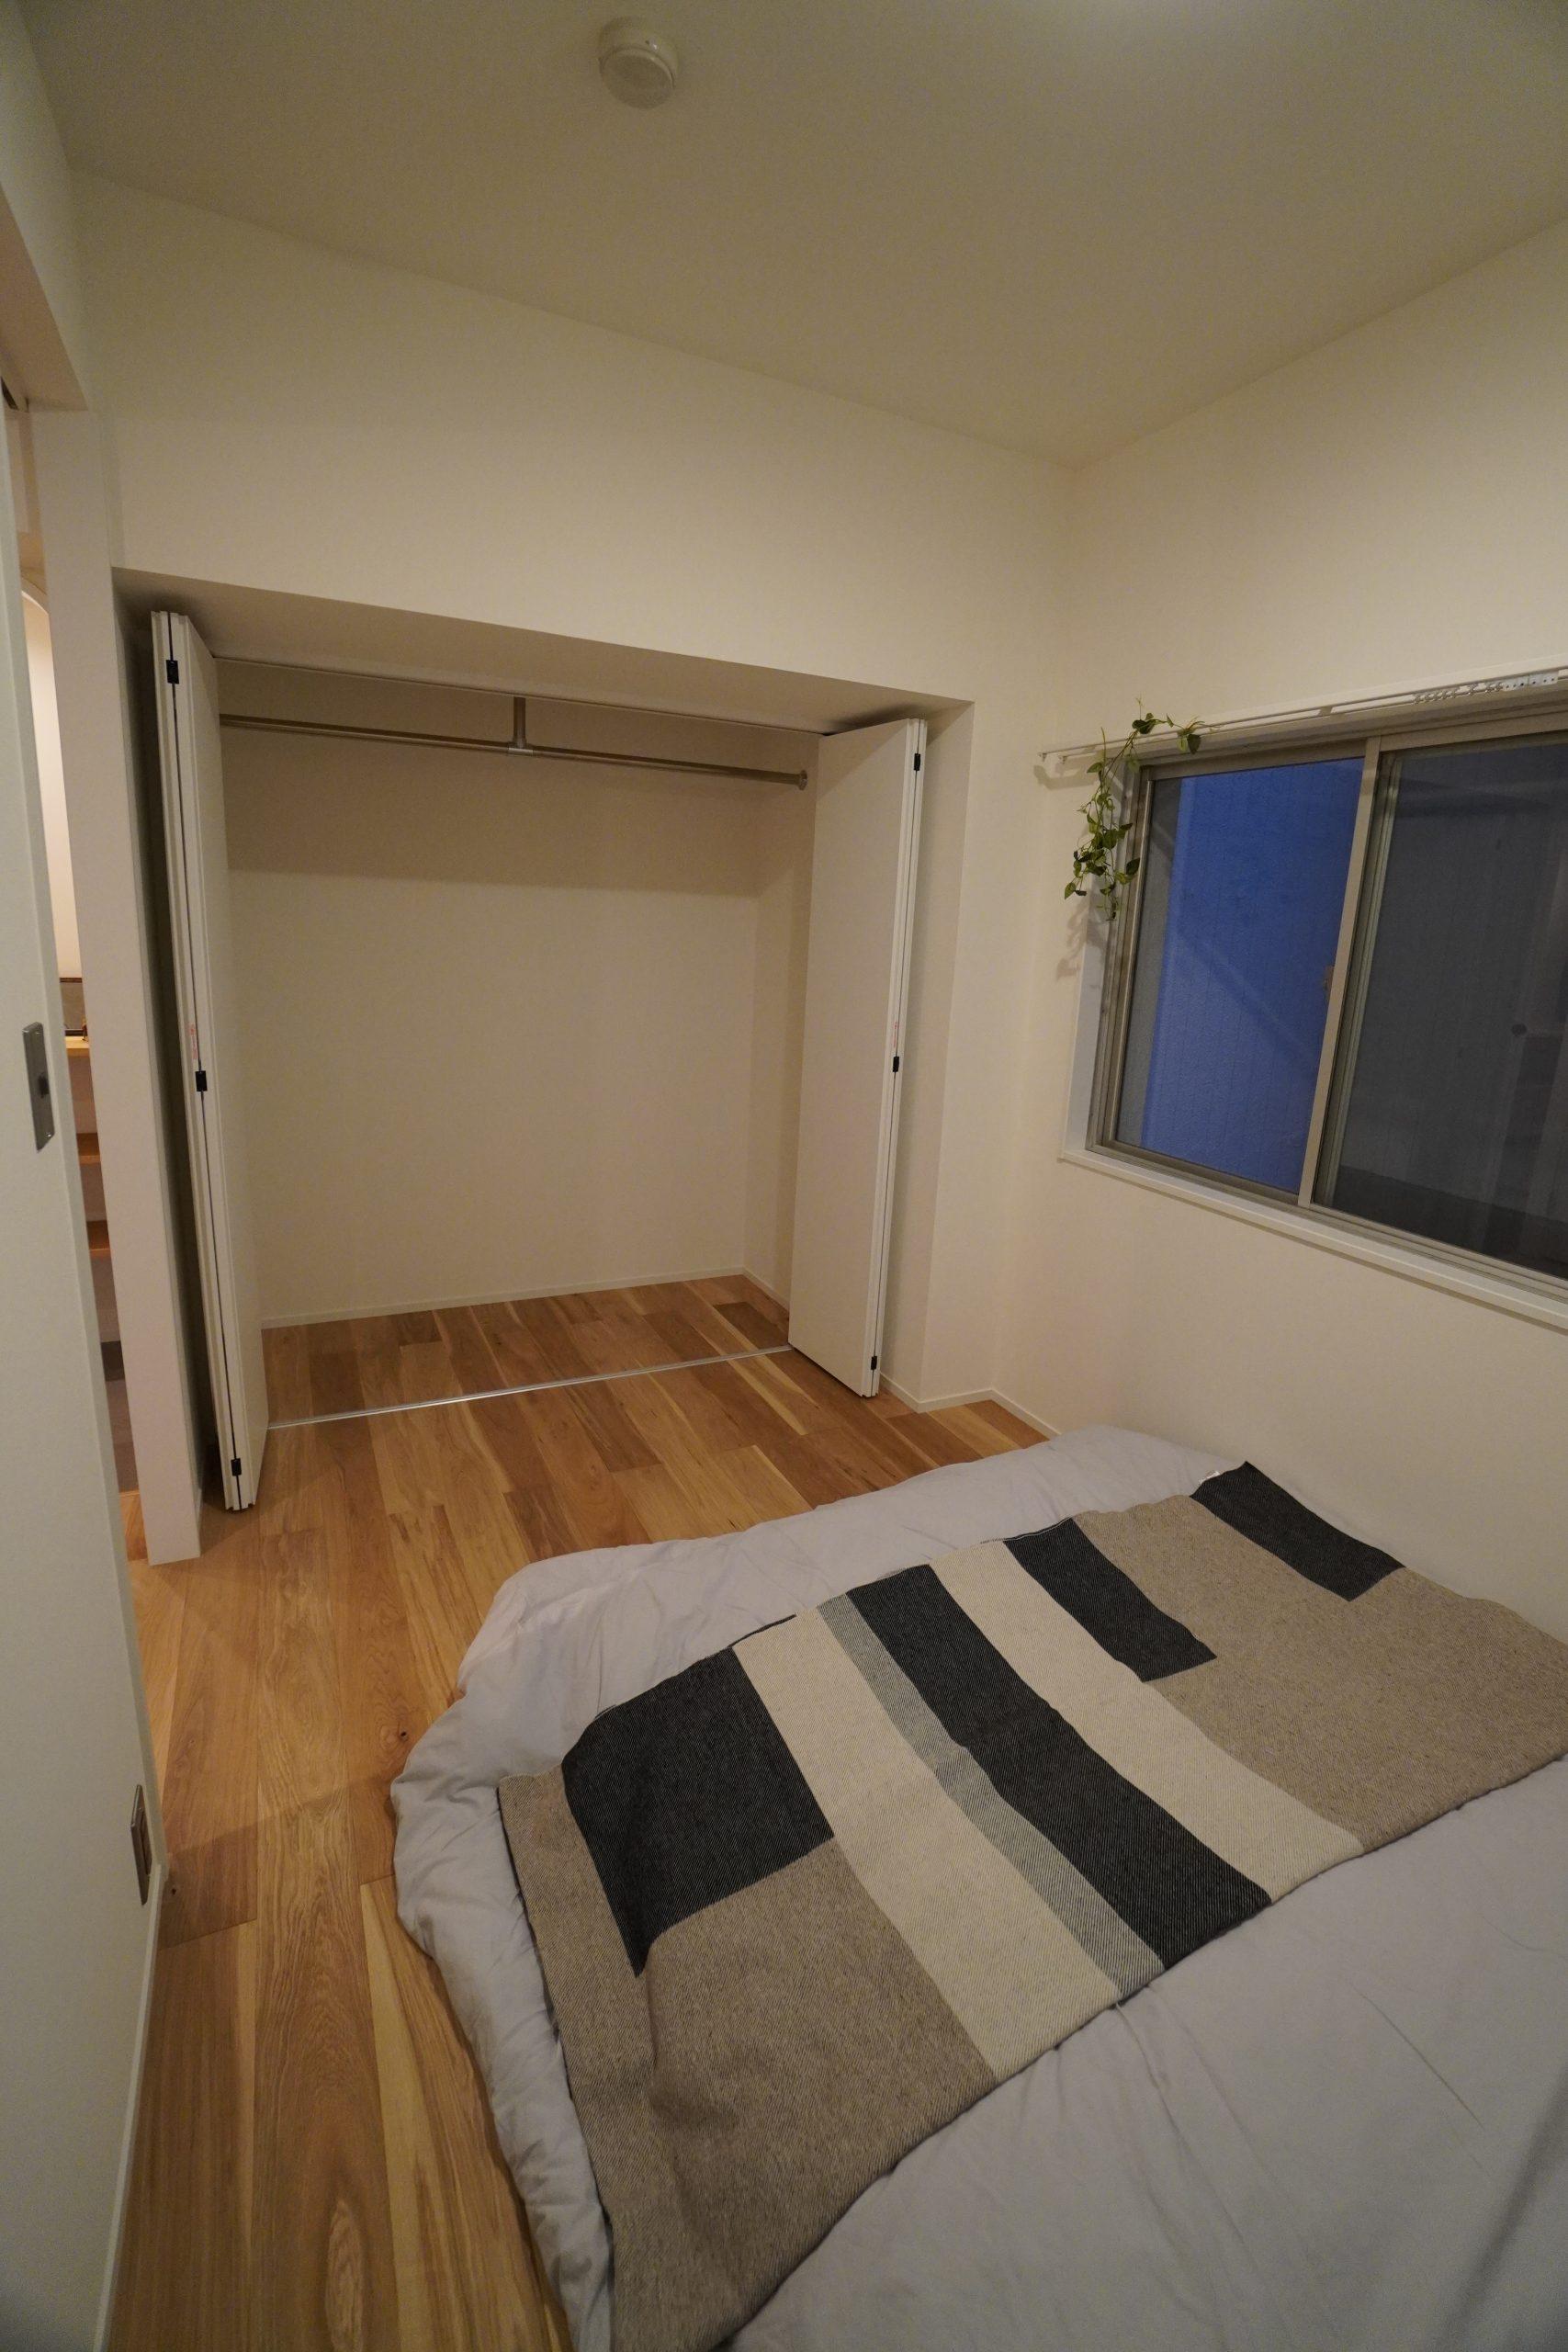 ハラダサンパークマンション恵比寿台の写真8